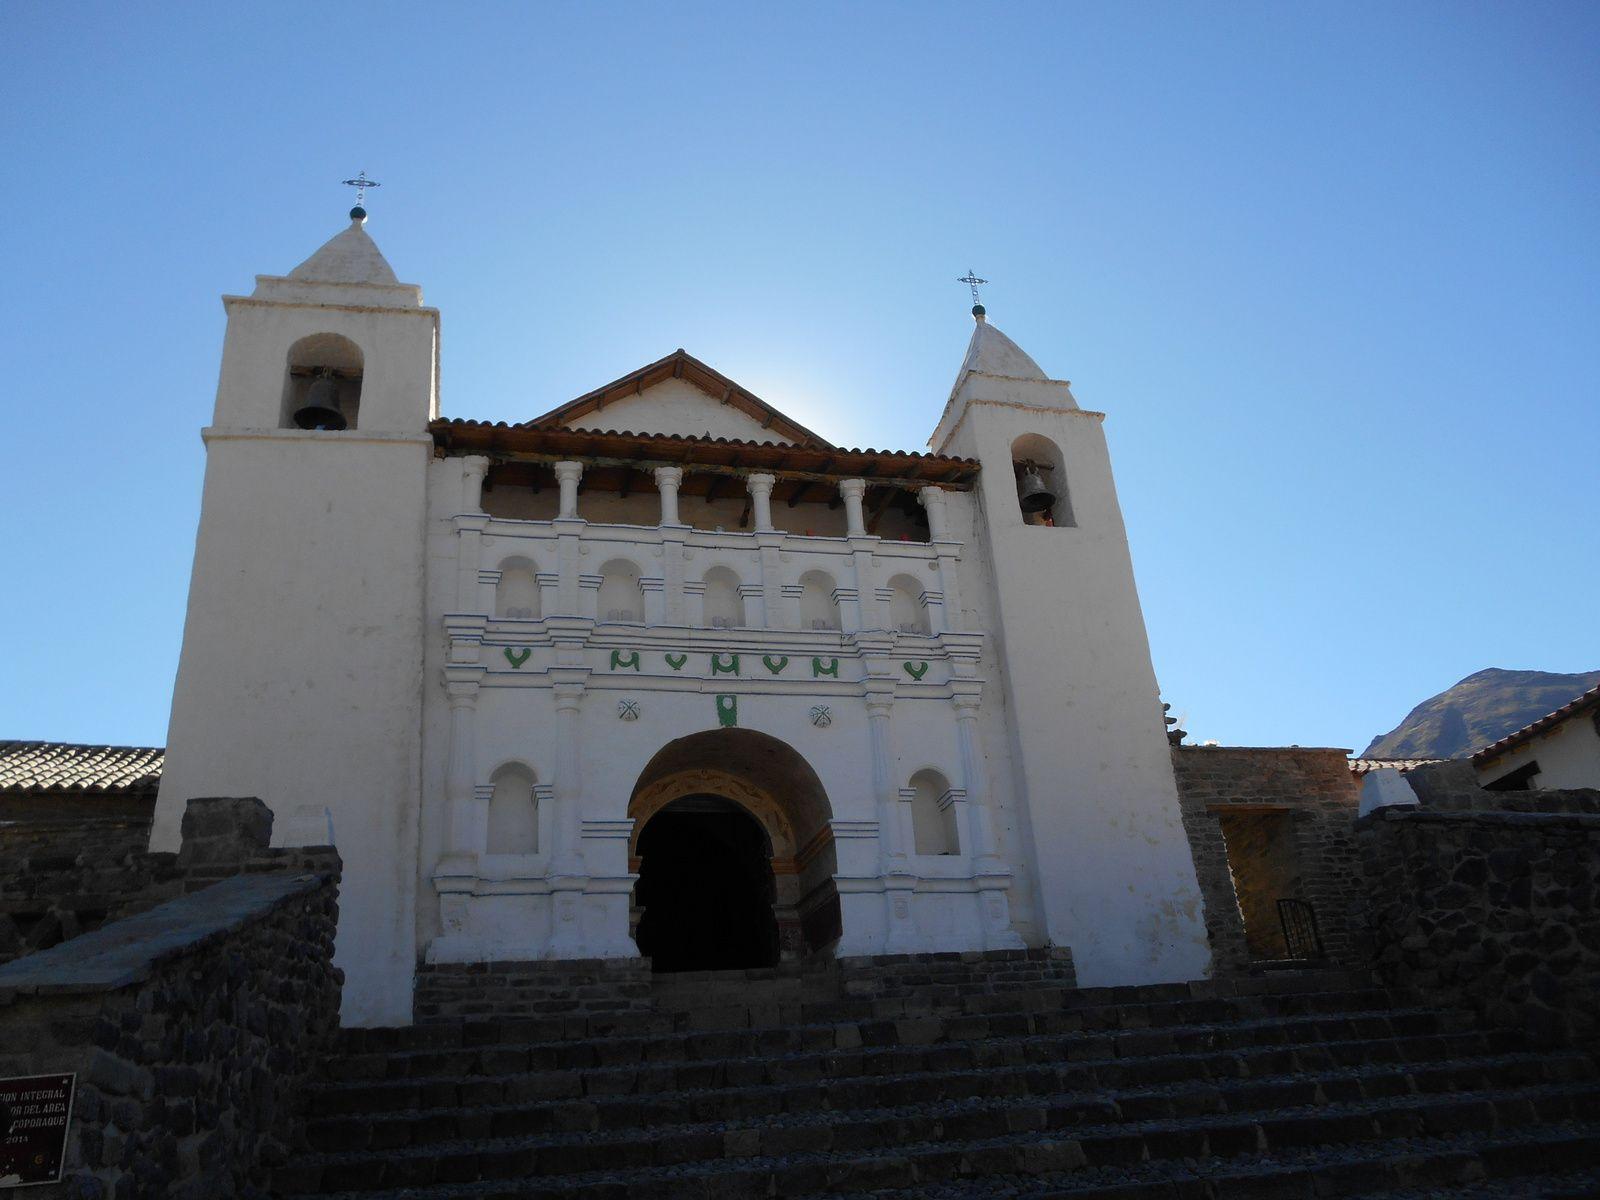 Eglise du village construite au XVIIème siècle...